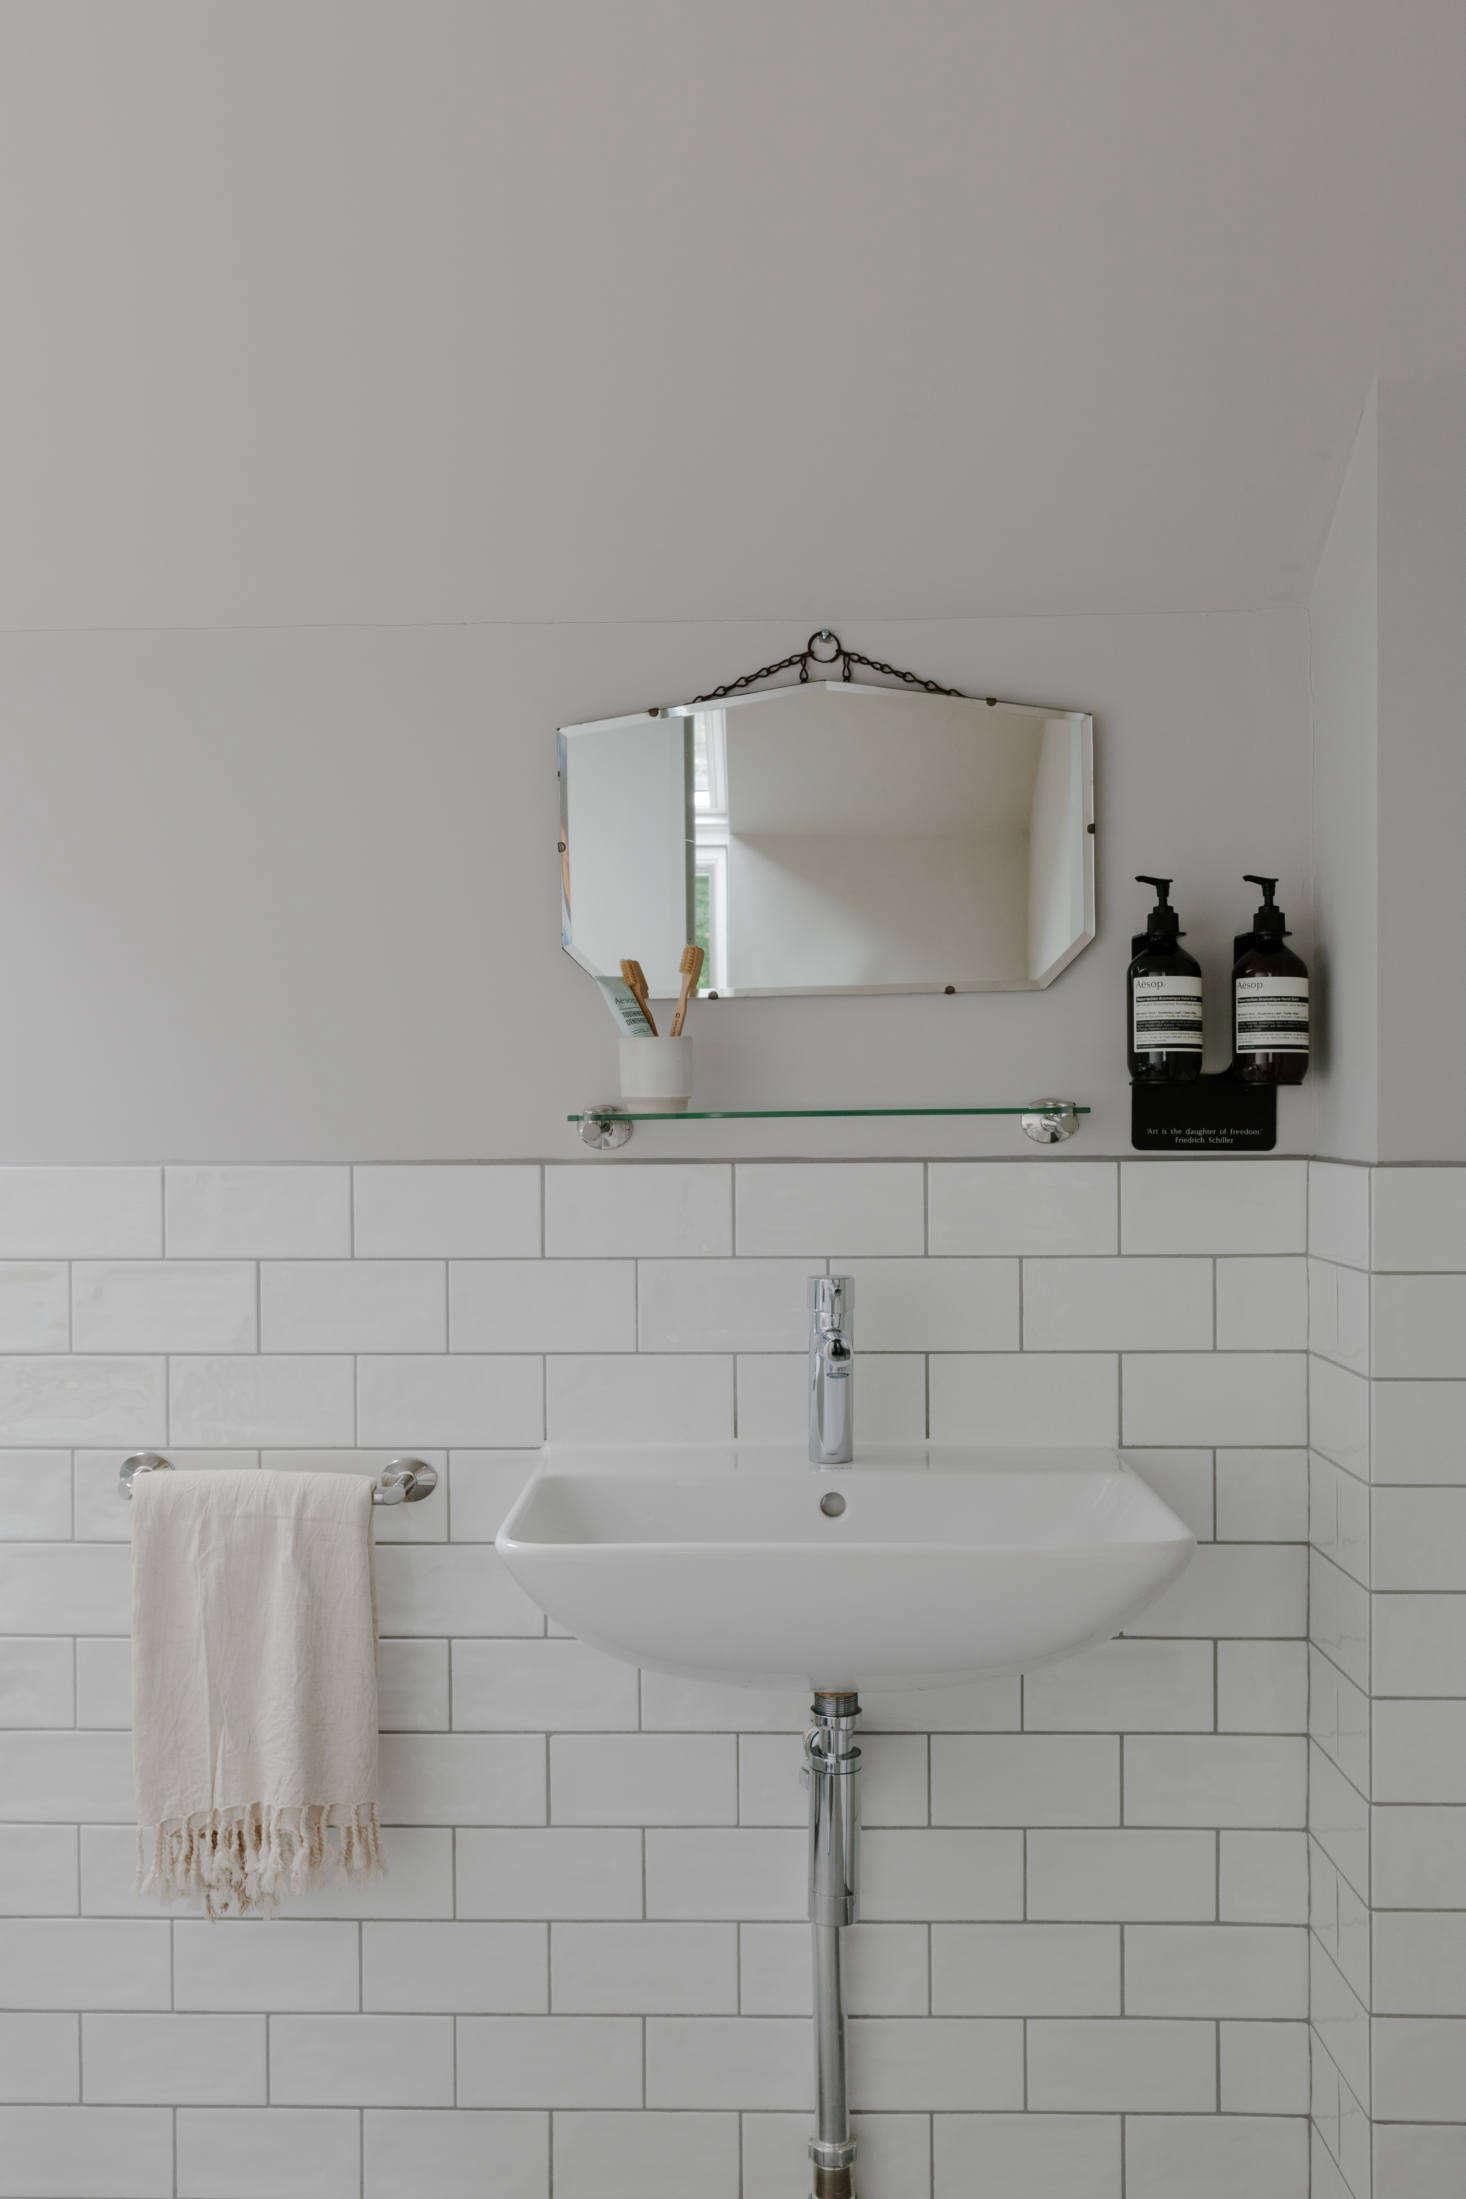 The vintage bath mirrors wereEbay finds.